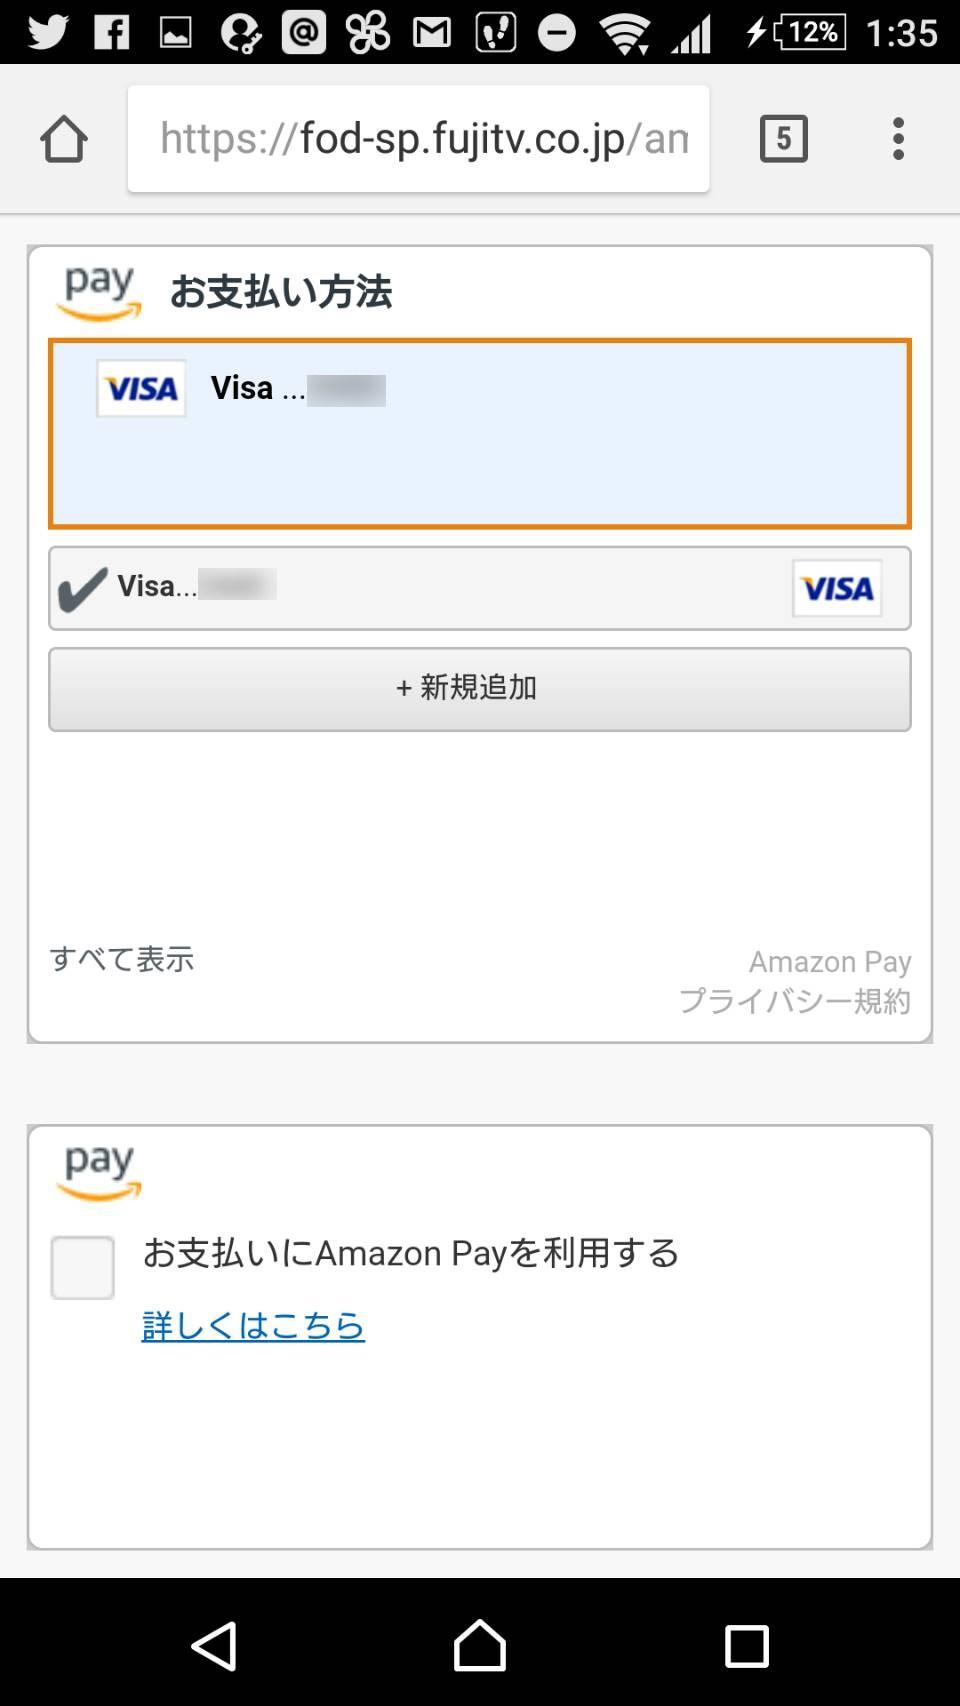 AmazonPayのお支払い方法の確認画面の画像